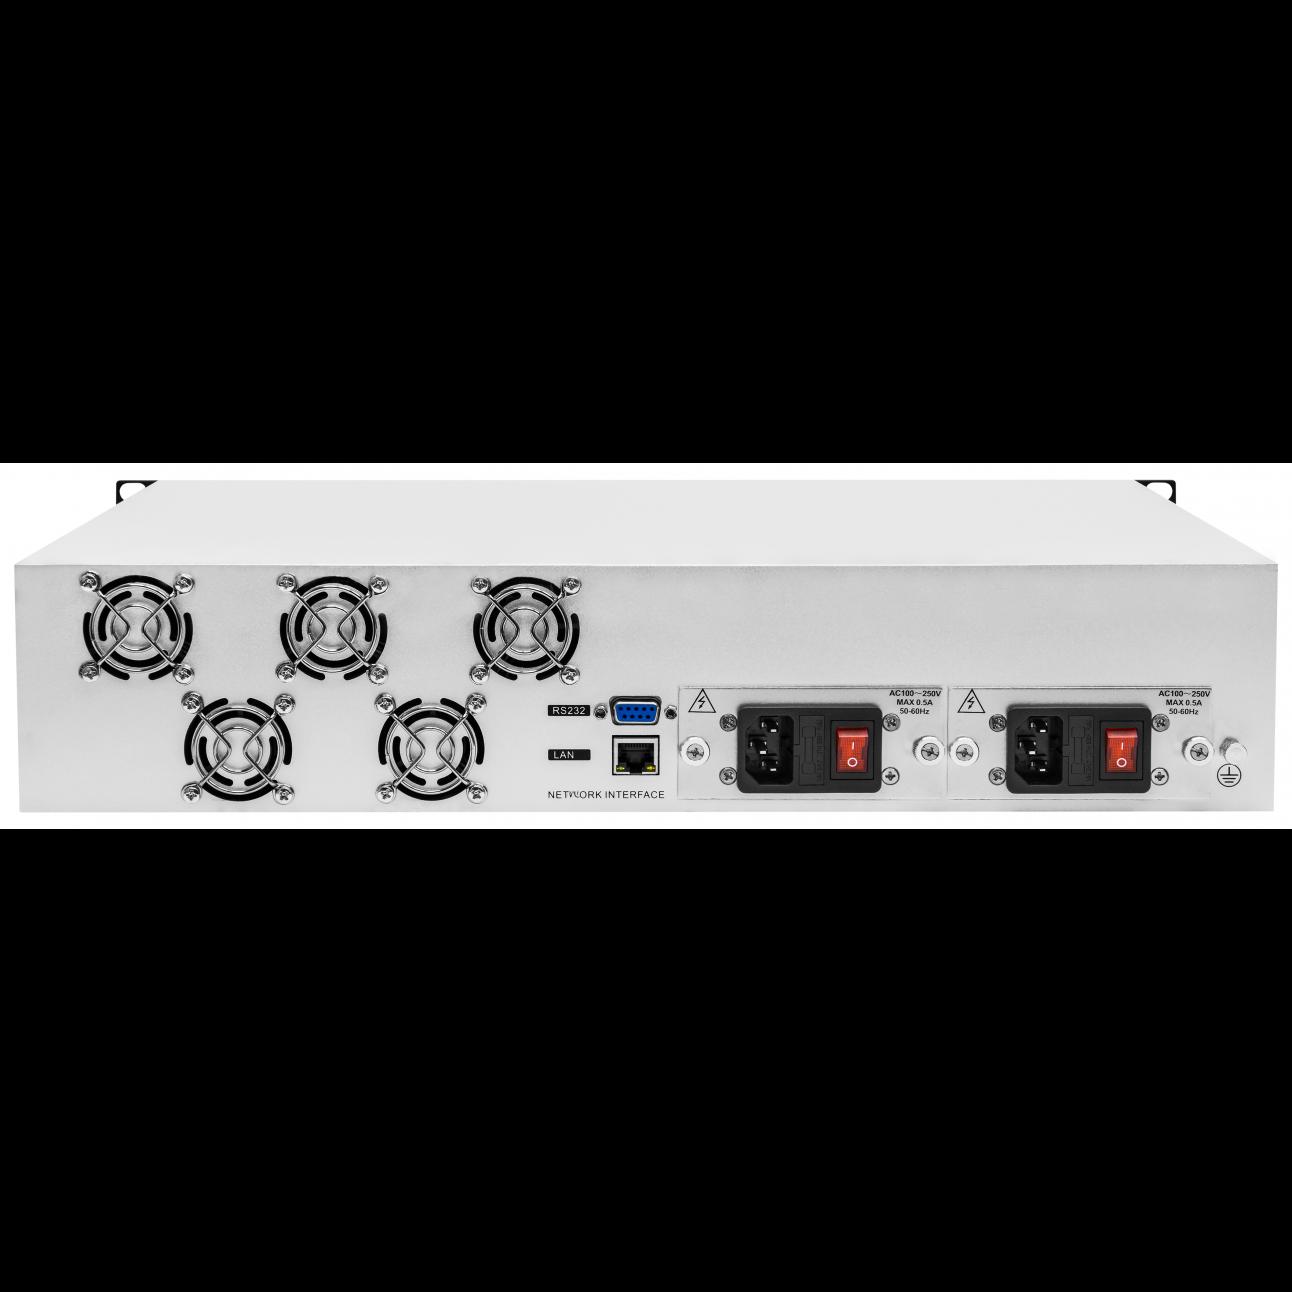 Оптический усилитель VERMAX для сетей КТВ, 8*24dBm, WDM фильтр PON